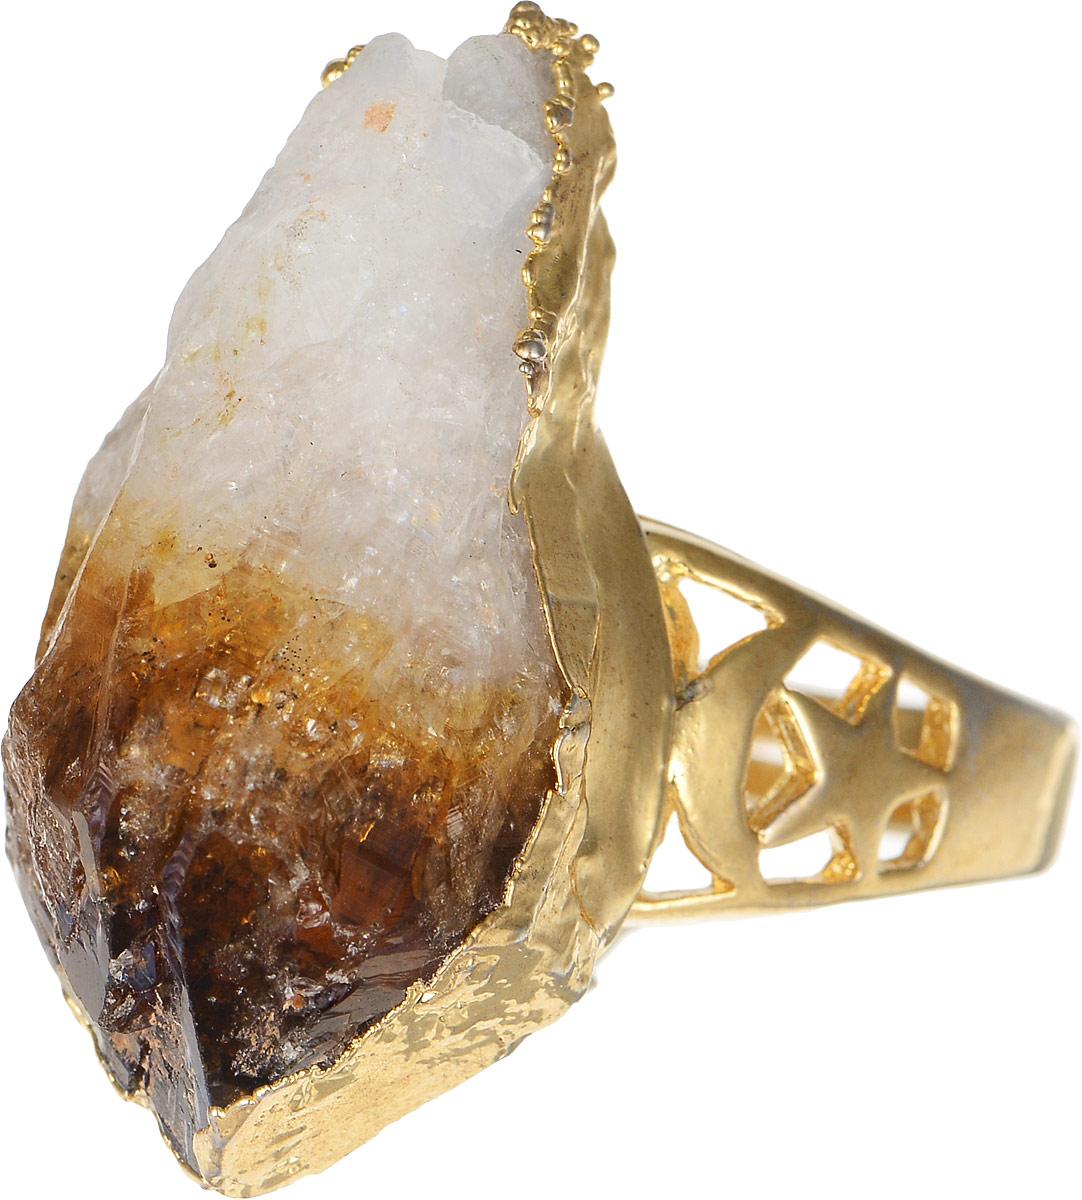 Кольцо Polina Selezneva, цвет: золотистый, коричневый, белый. DG-0049Коктейльное кольцоСтильное кольцо Polina Selezneva изготовлено из качественного металлического сплава. Кольцо оформлено оригинальным камнем и резным узором.